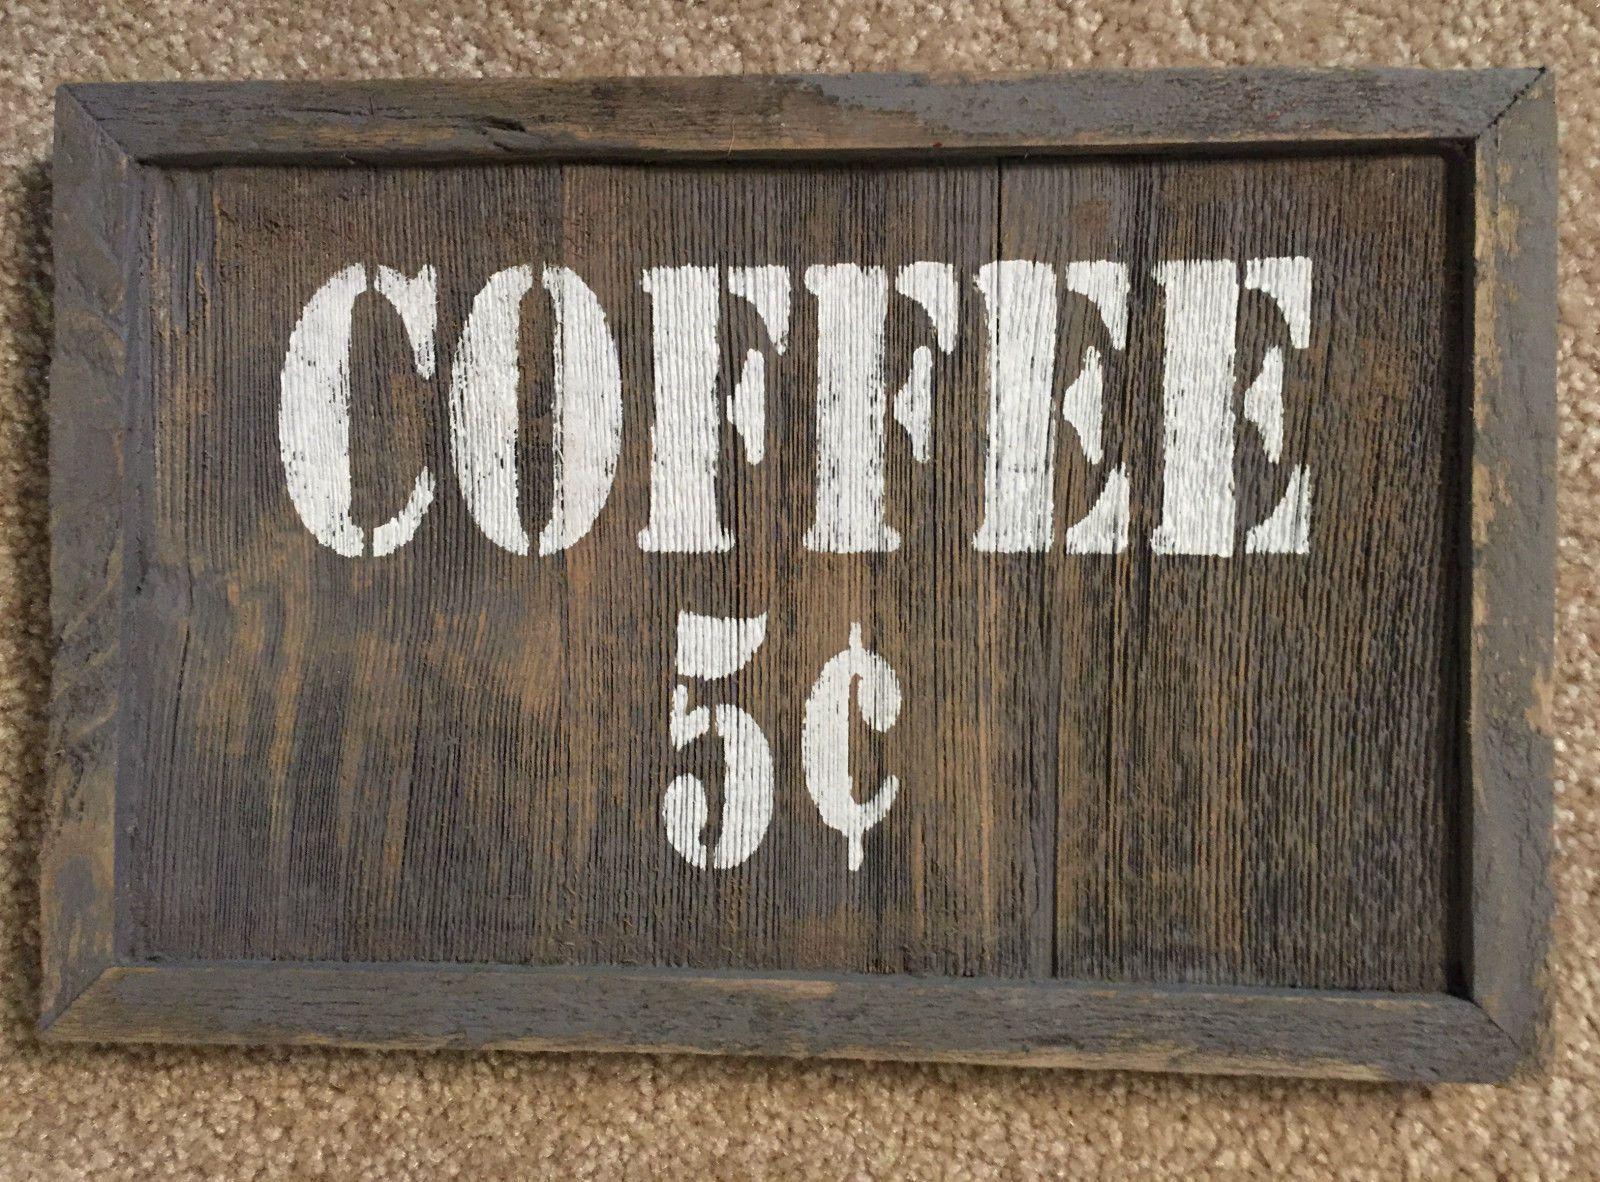 COFFEE 5c SIGN BEACH CABIN BAR PUB